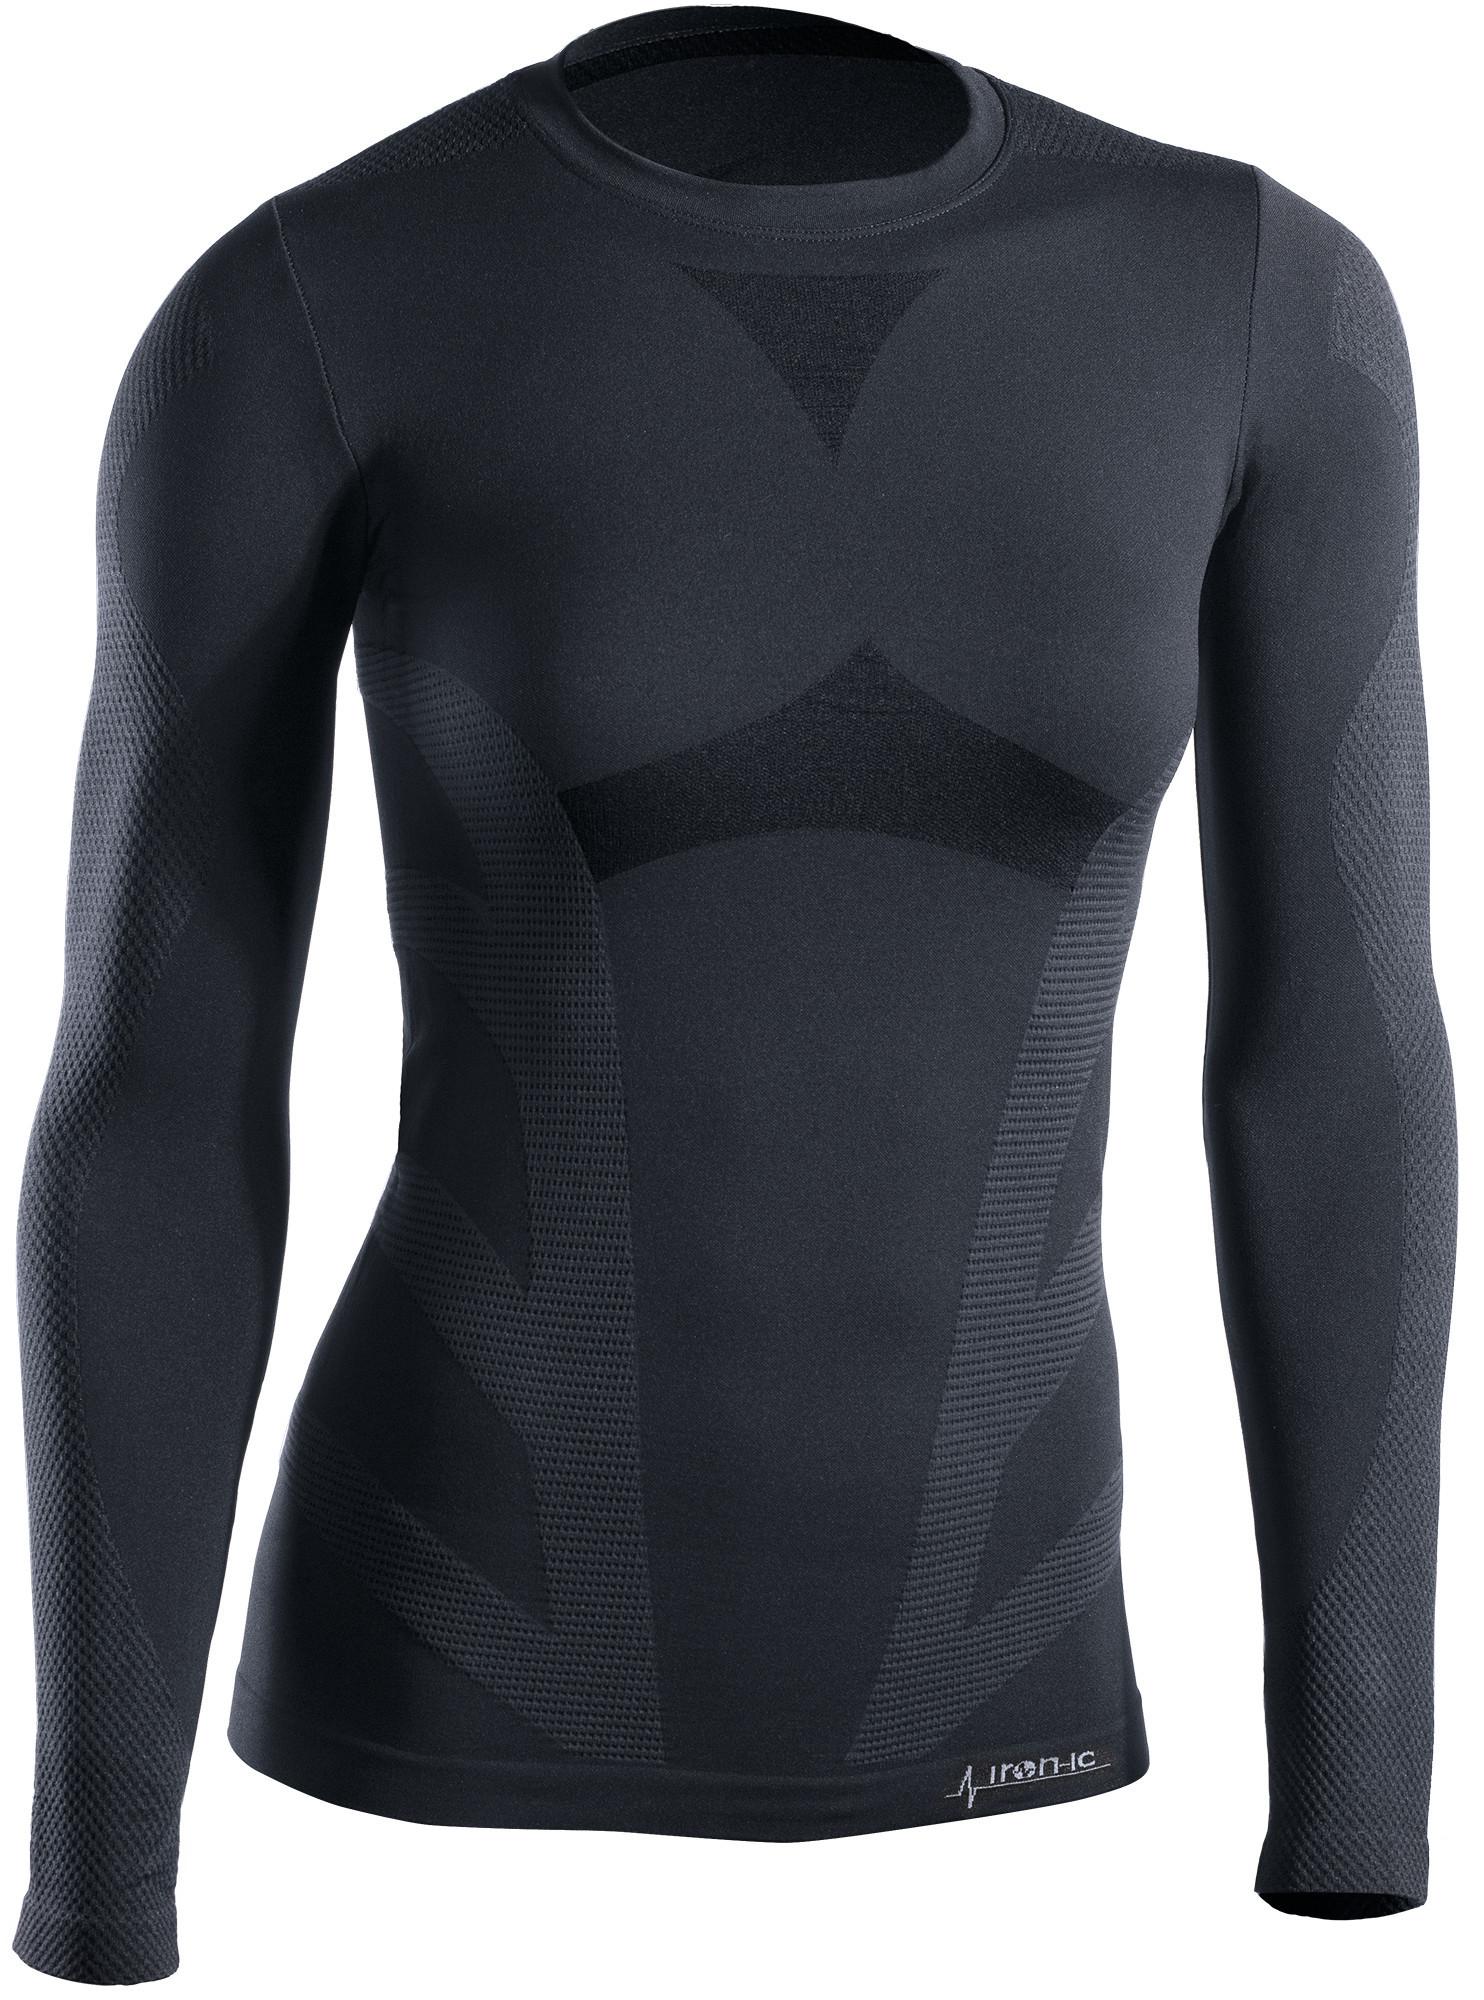 Dámske termo tričko s dlhým rukávom IRON-IC Farba: Čierna, Veľkosť L / XL